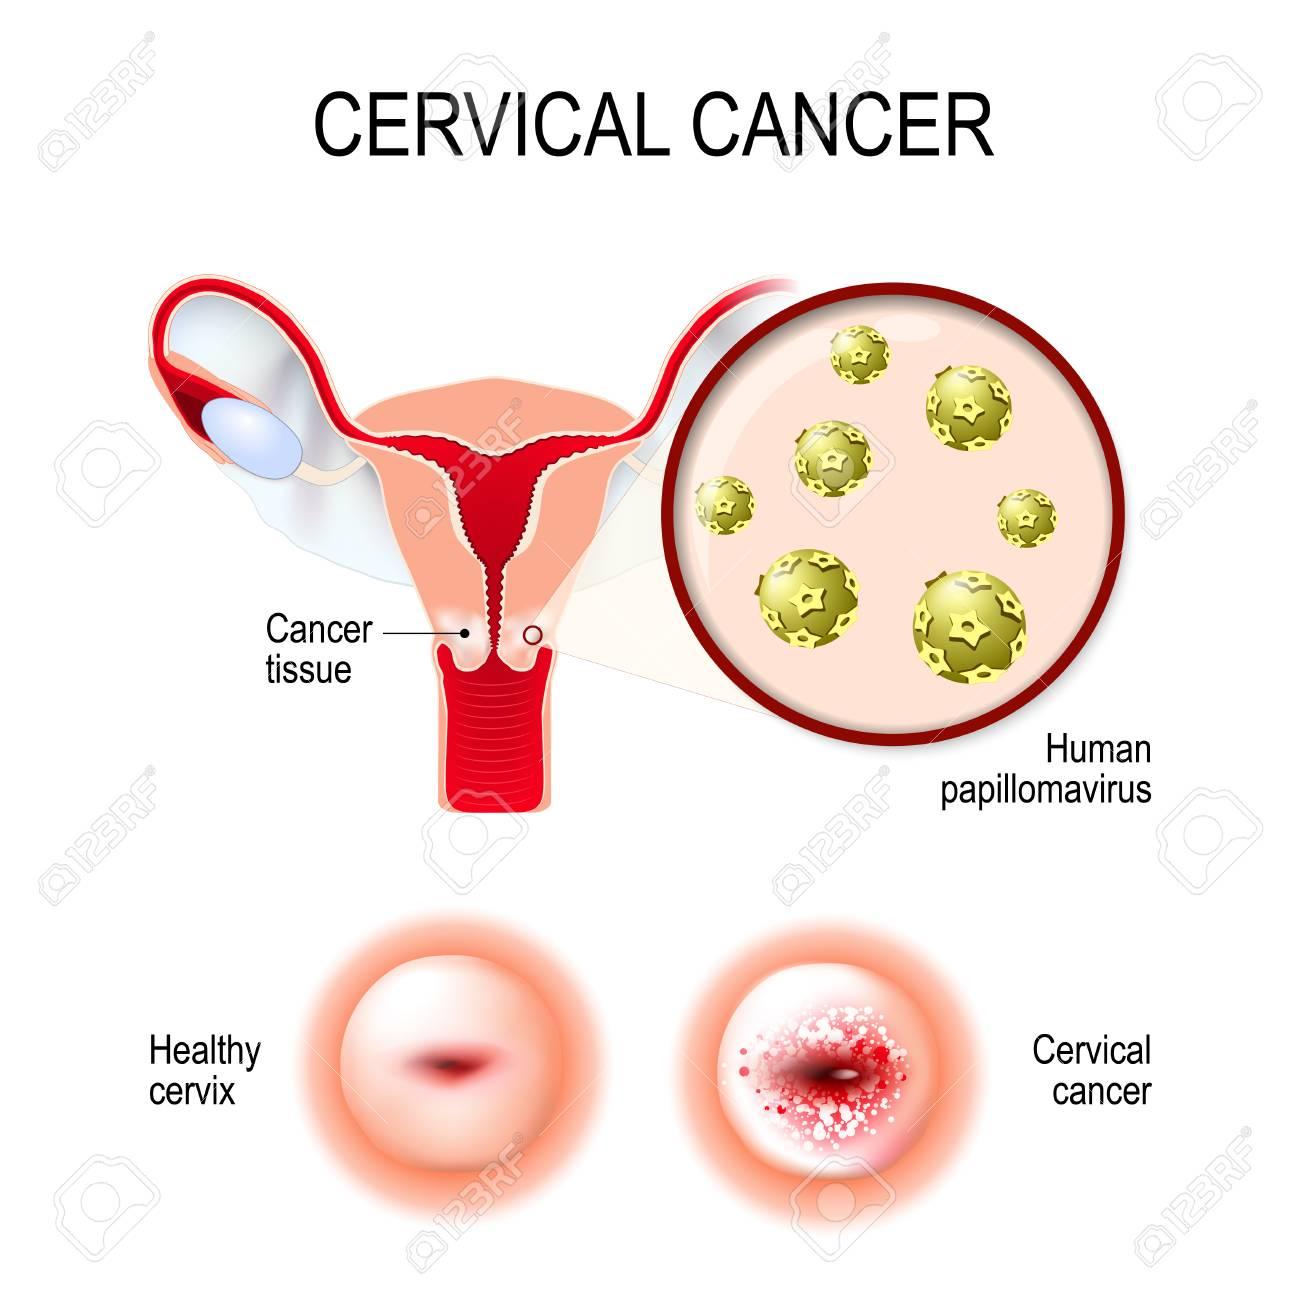 human papillomavirus in cervix